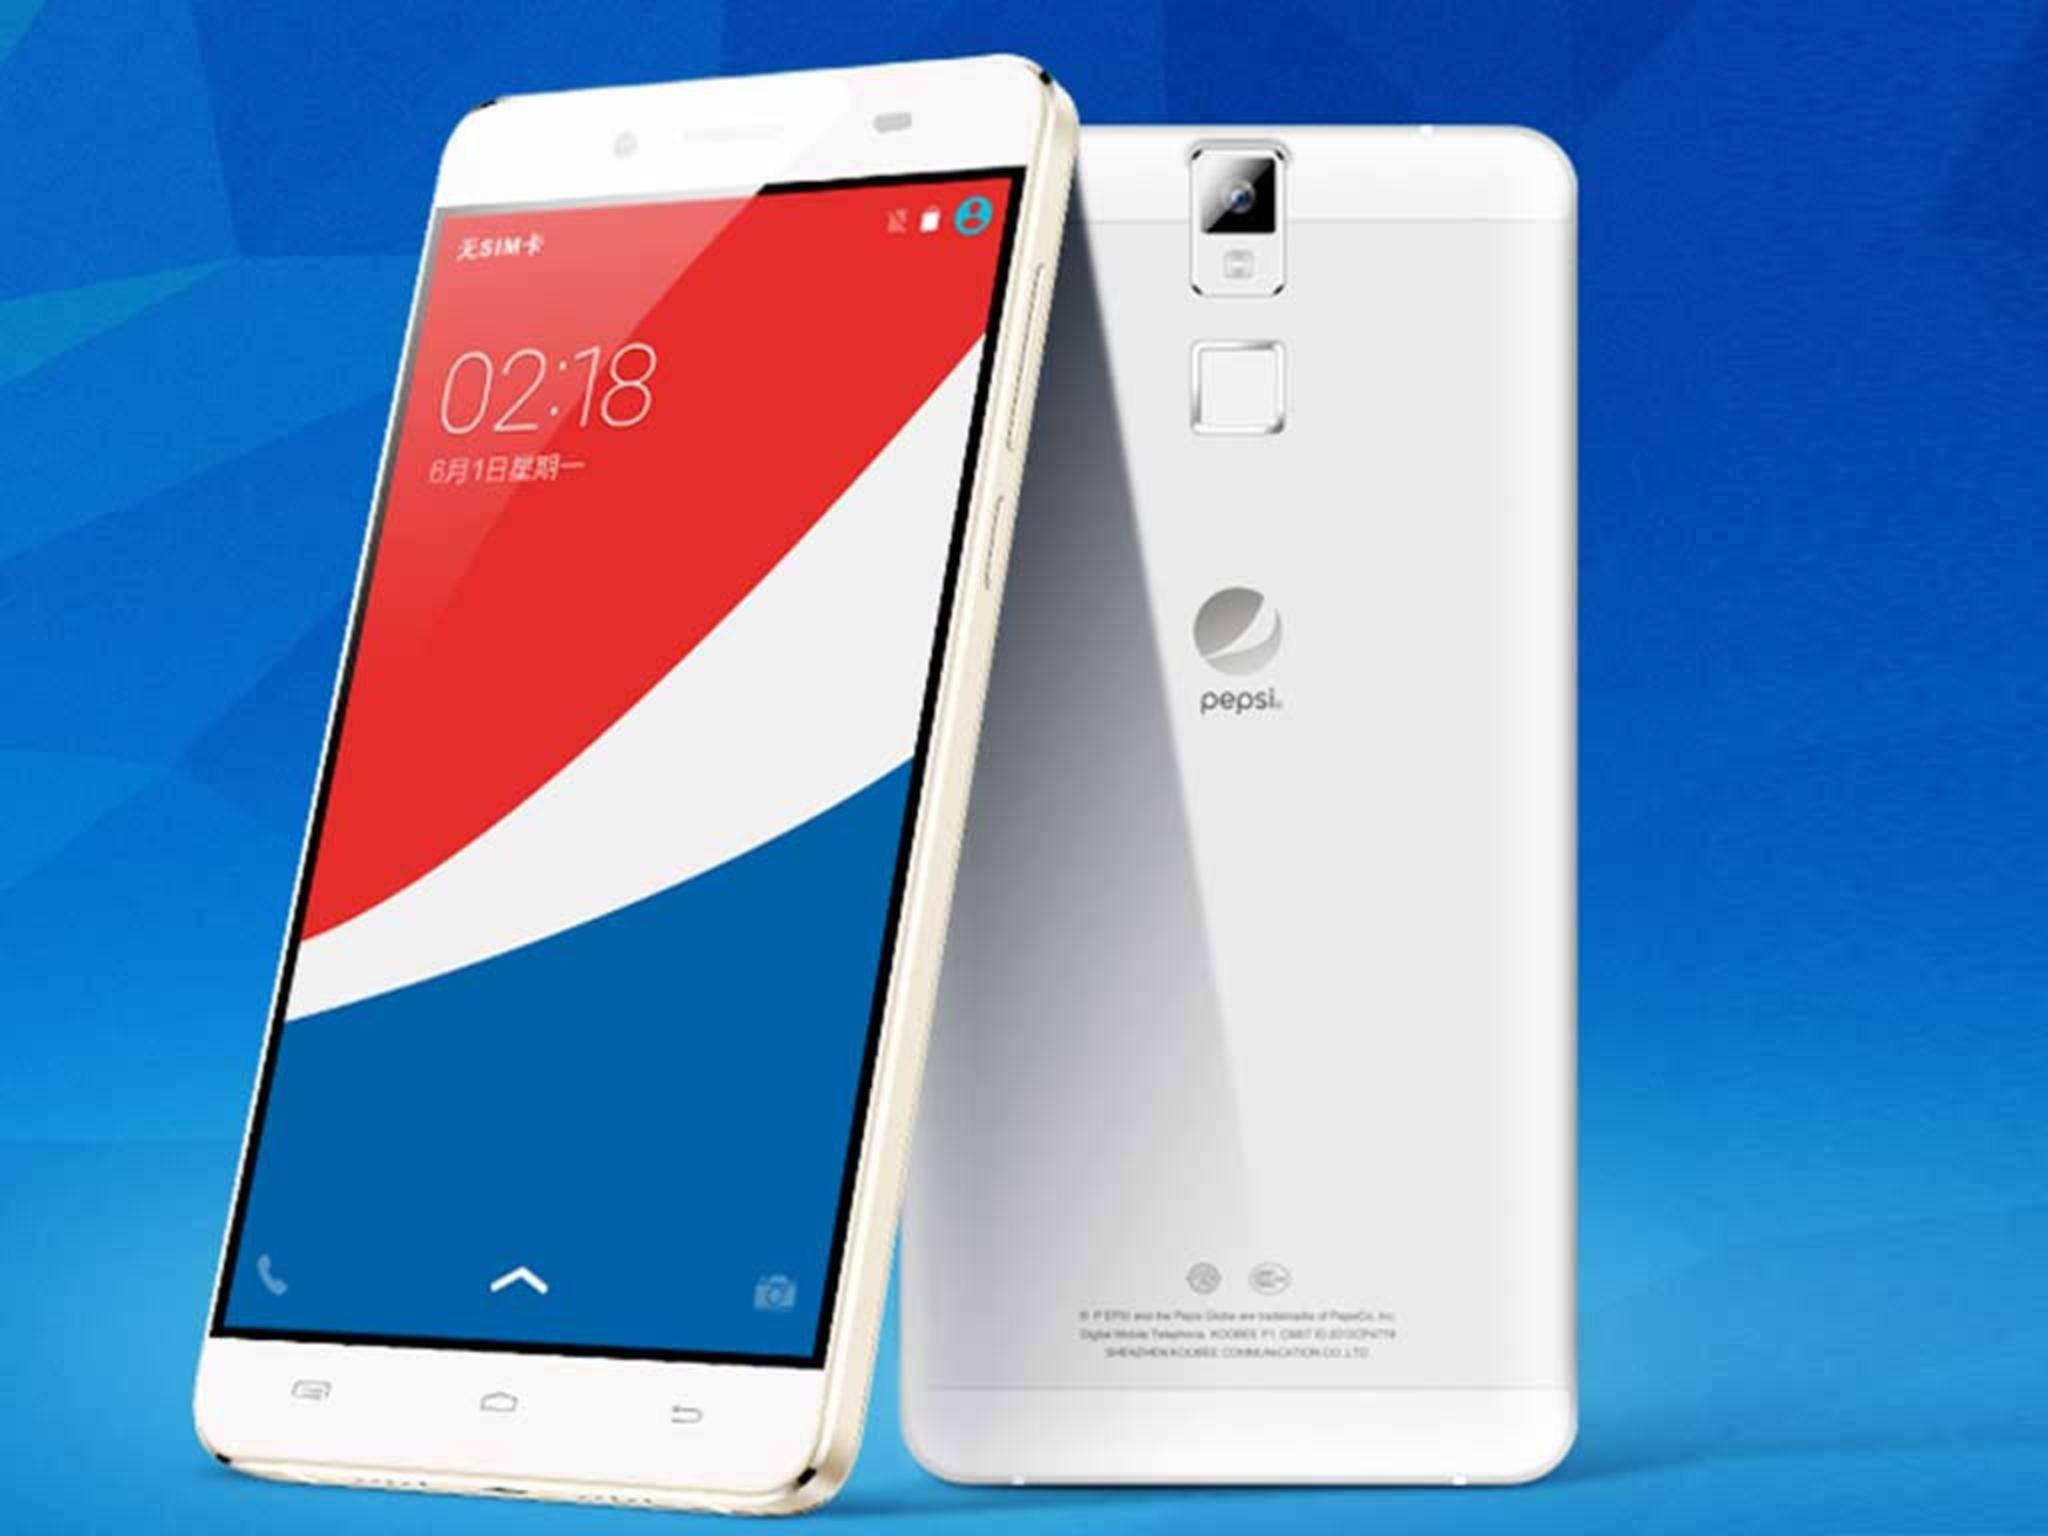 Rein äußerlich unterscheidet sich das Pepsi-Phone kaum von anderen Modellen ...